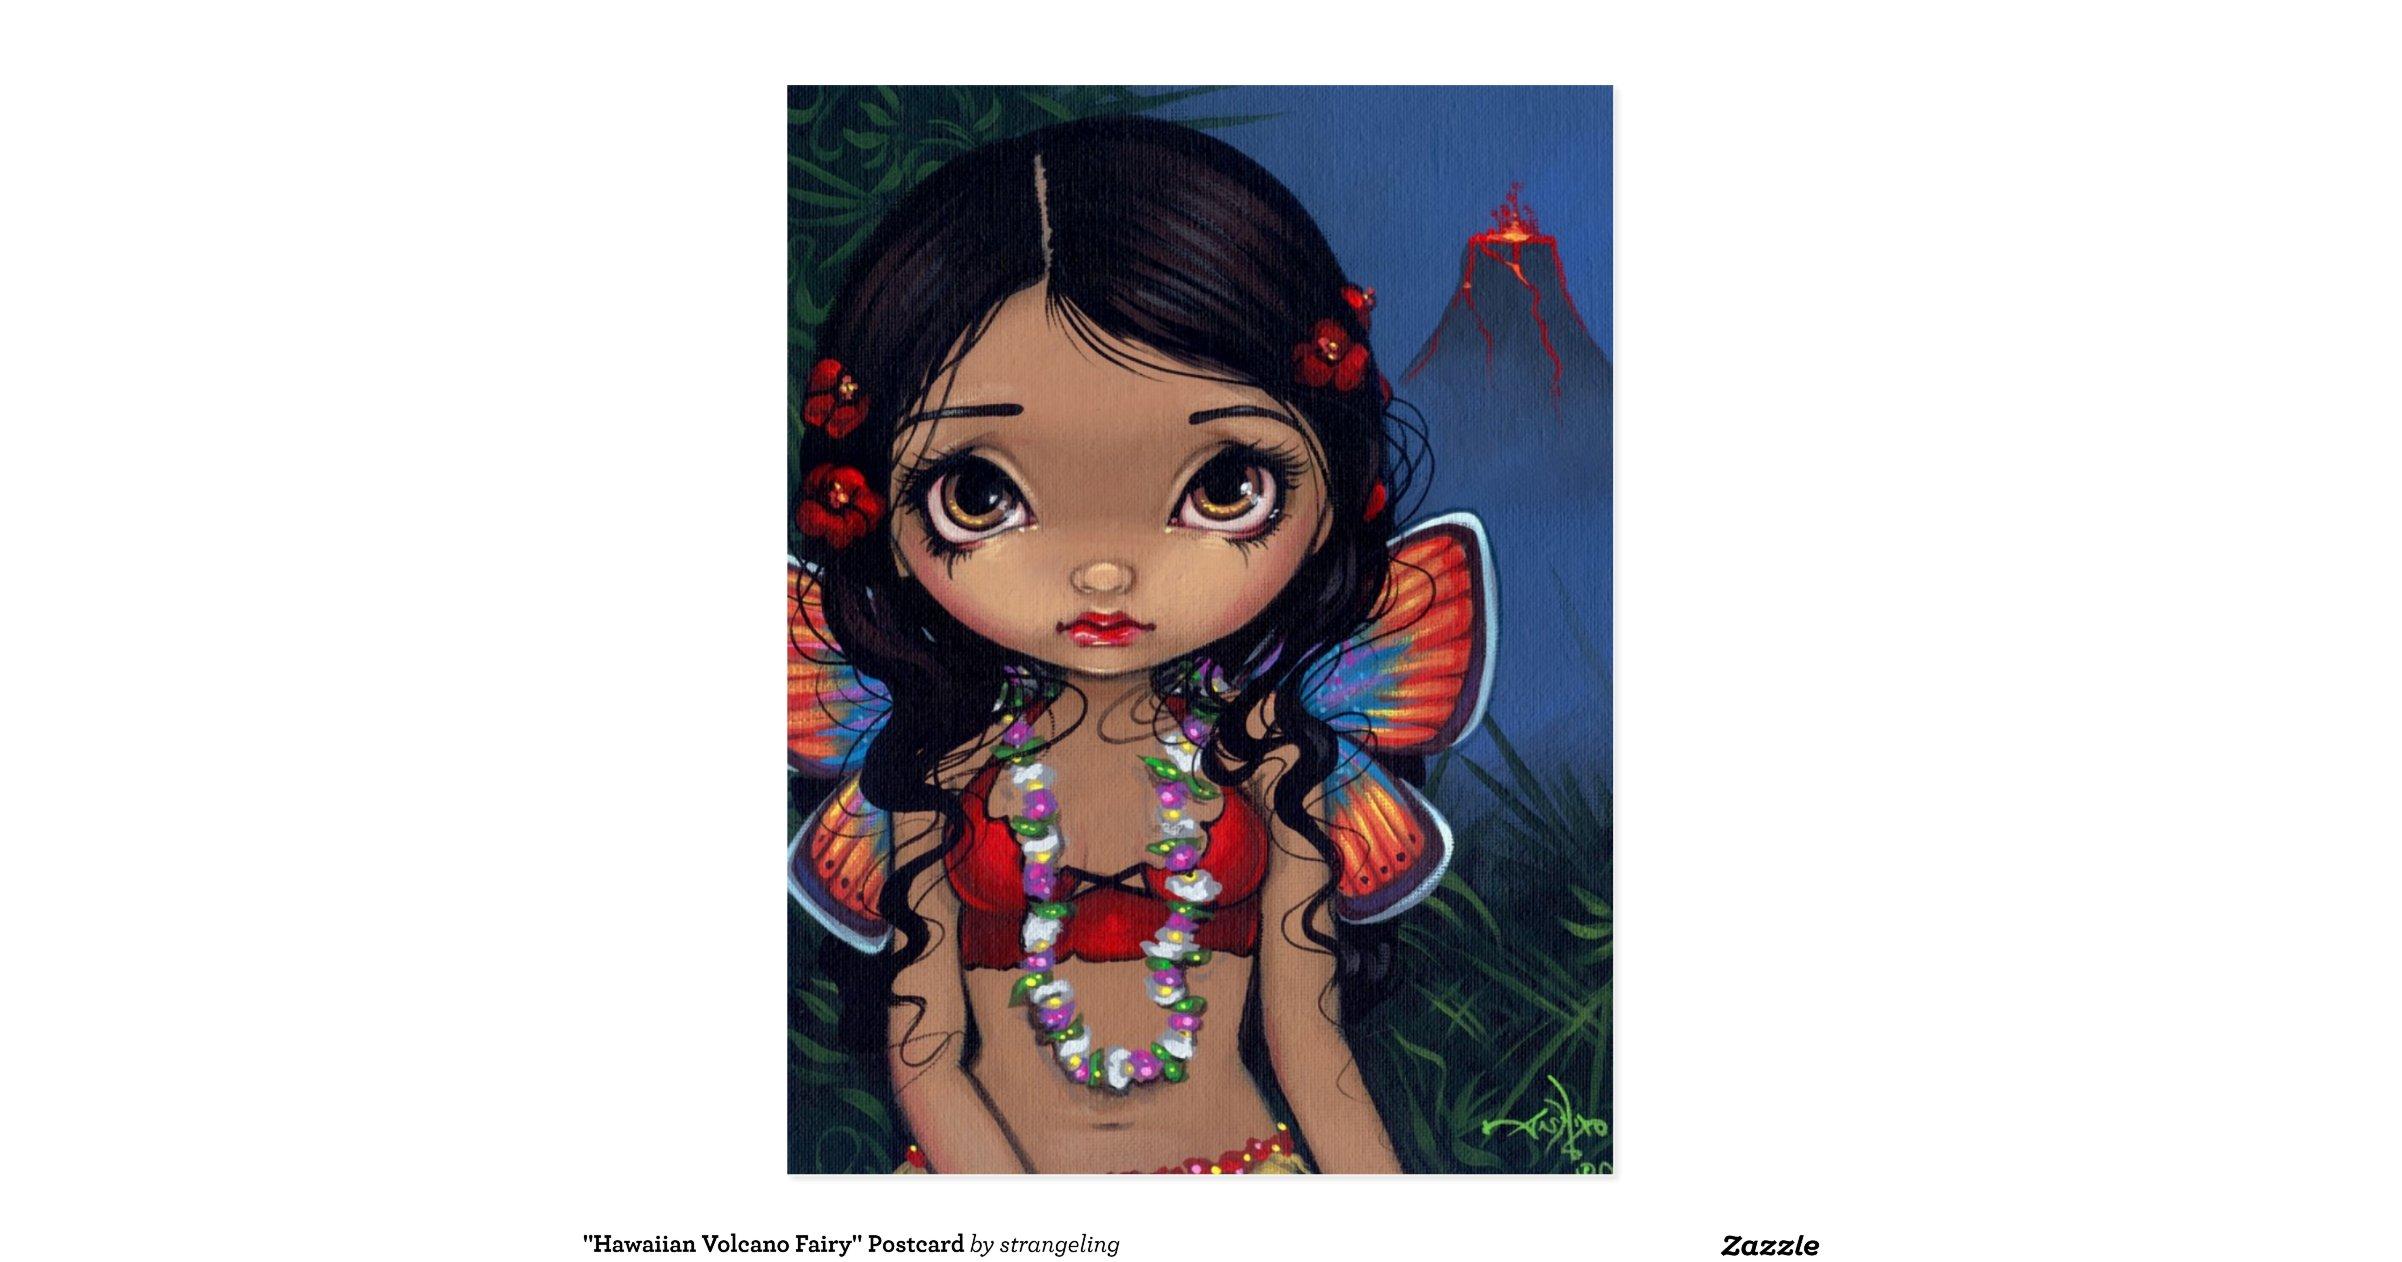 hawaiian_volcano_fairy_postcard ...